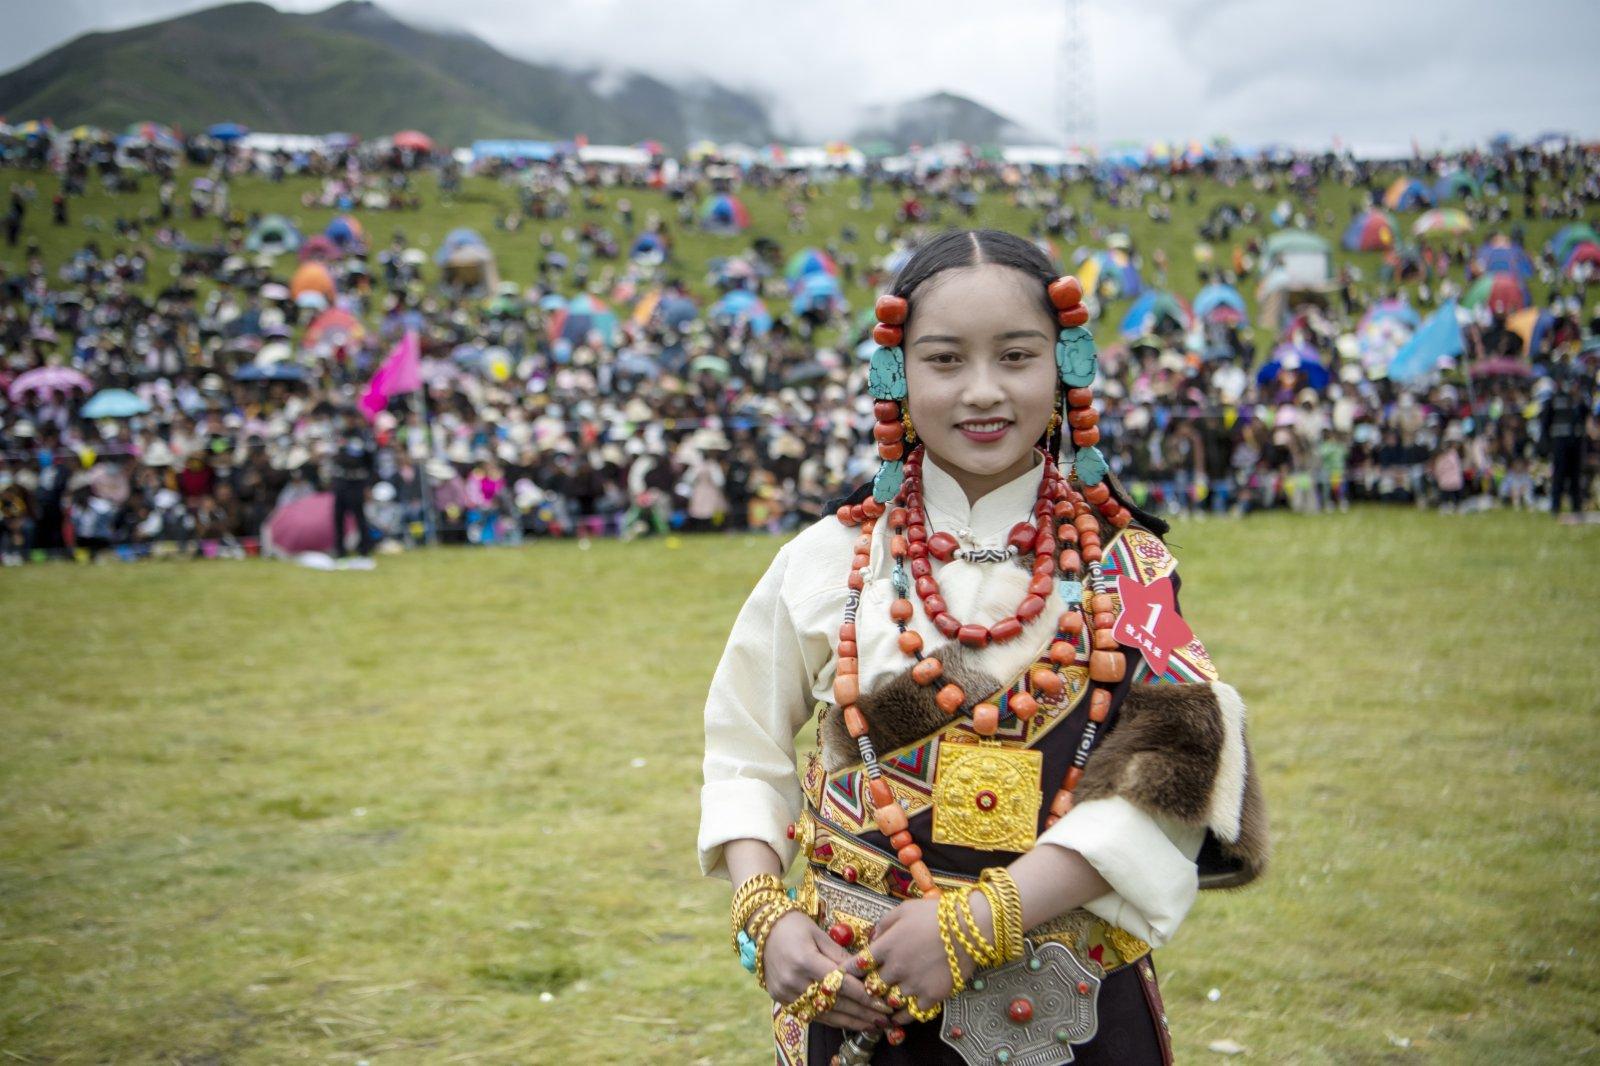 19歲藏族女孩索朗卓瑪獲女子組第一名。(中新社)